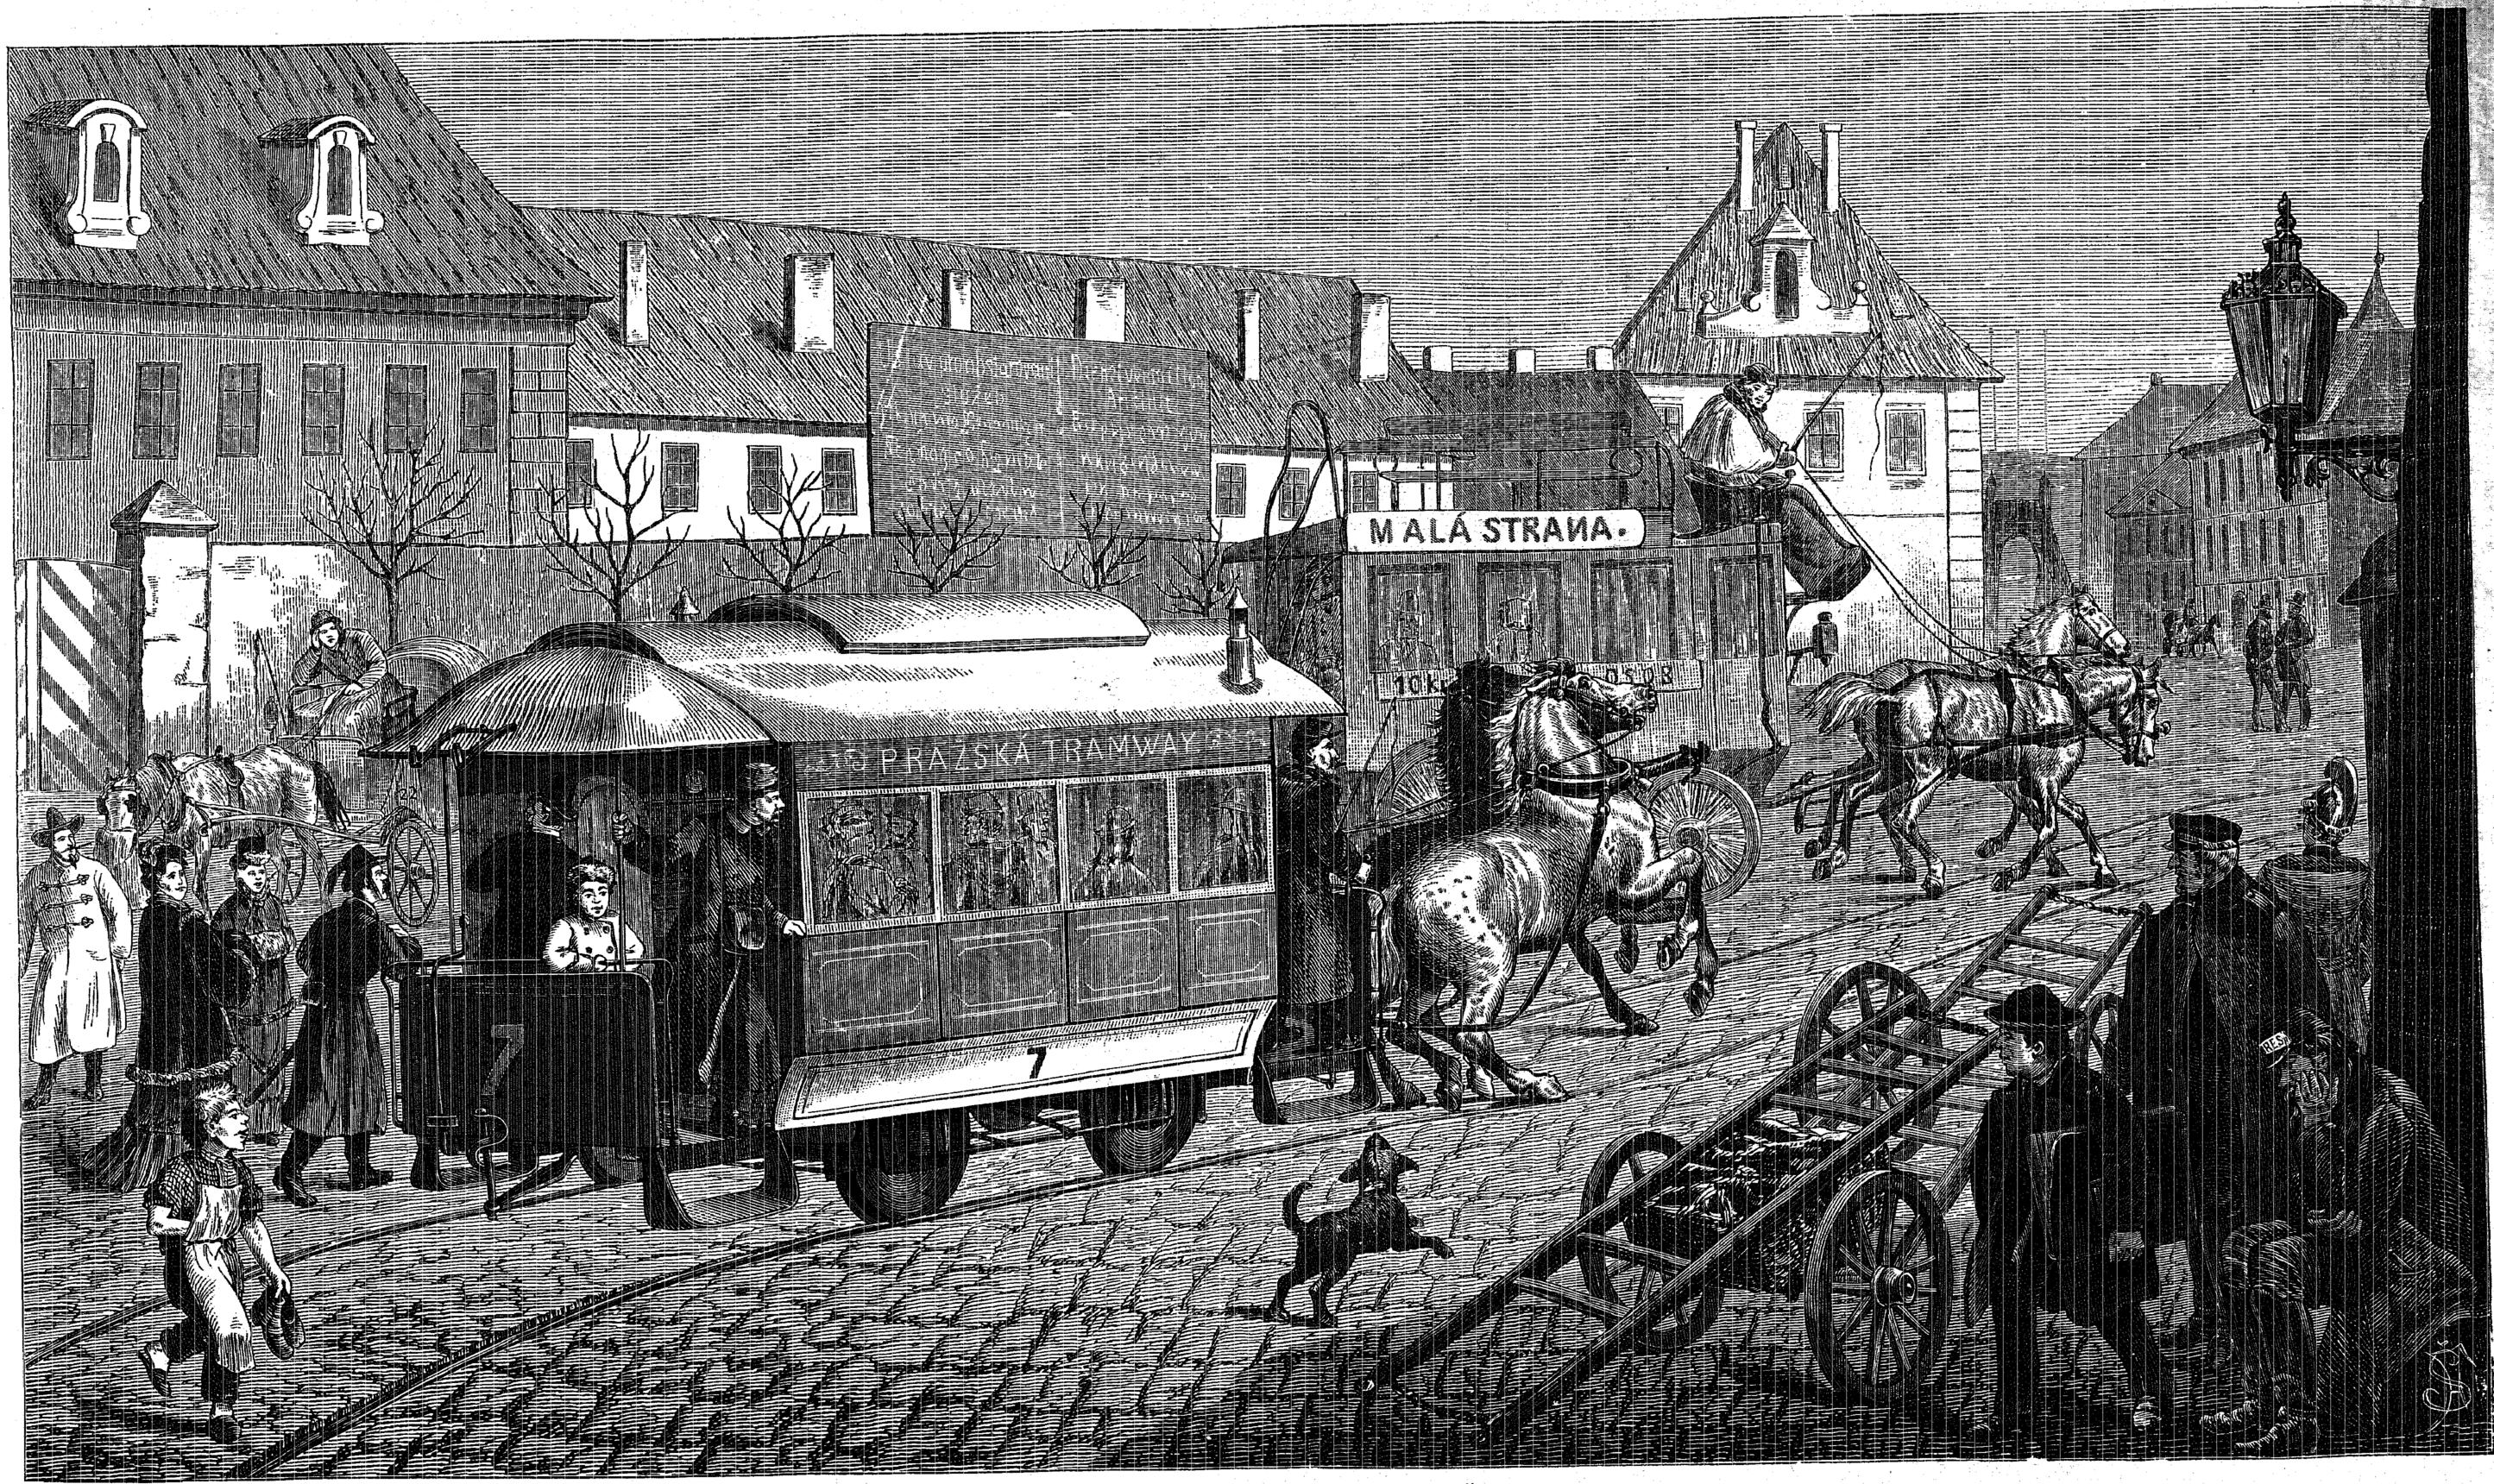 File:Konesprezna tramvaj Praha 1876.png